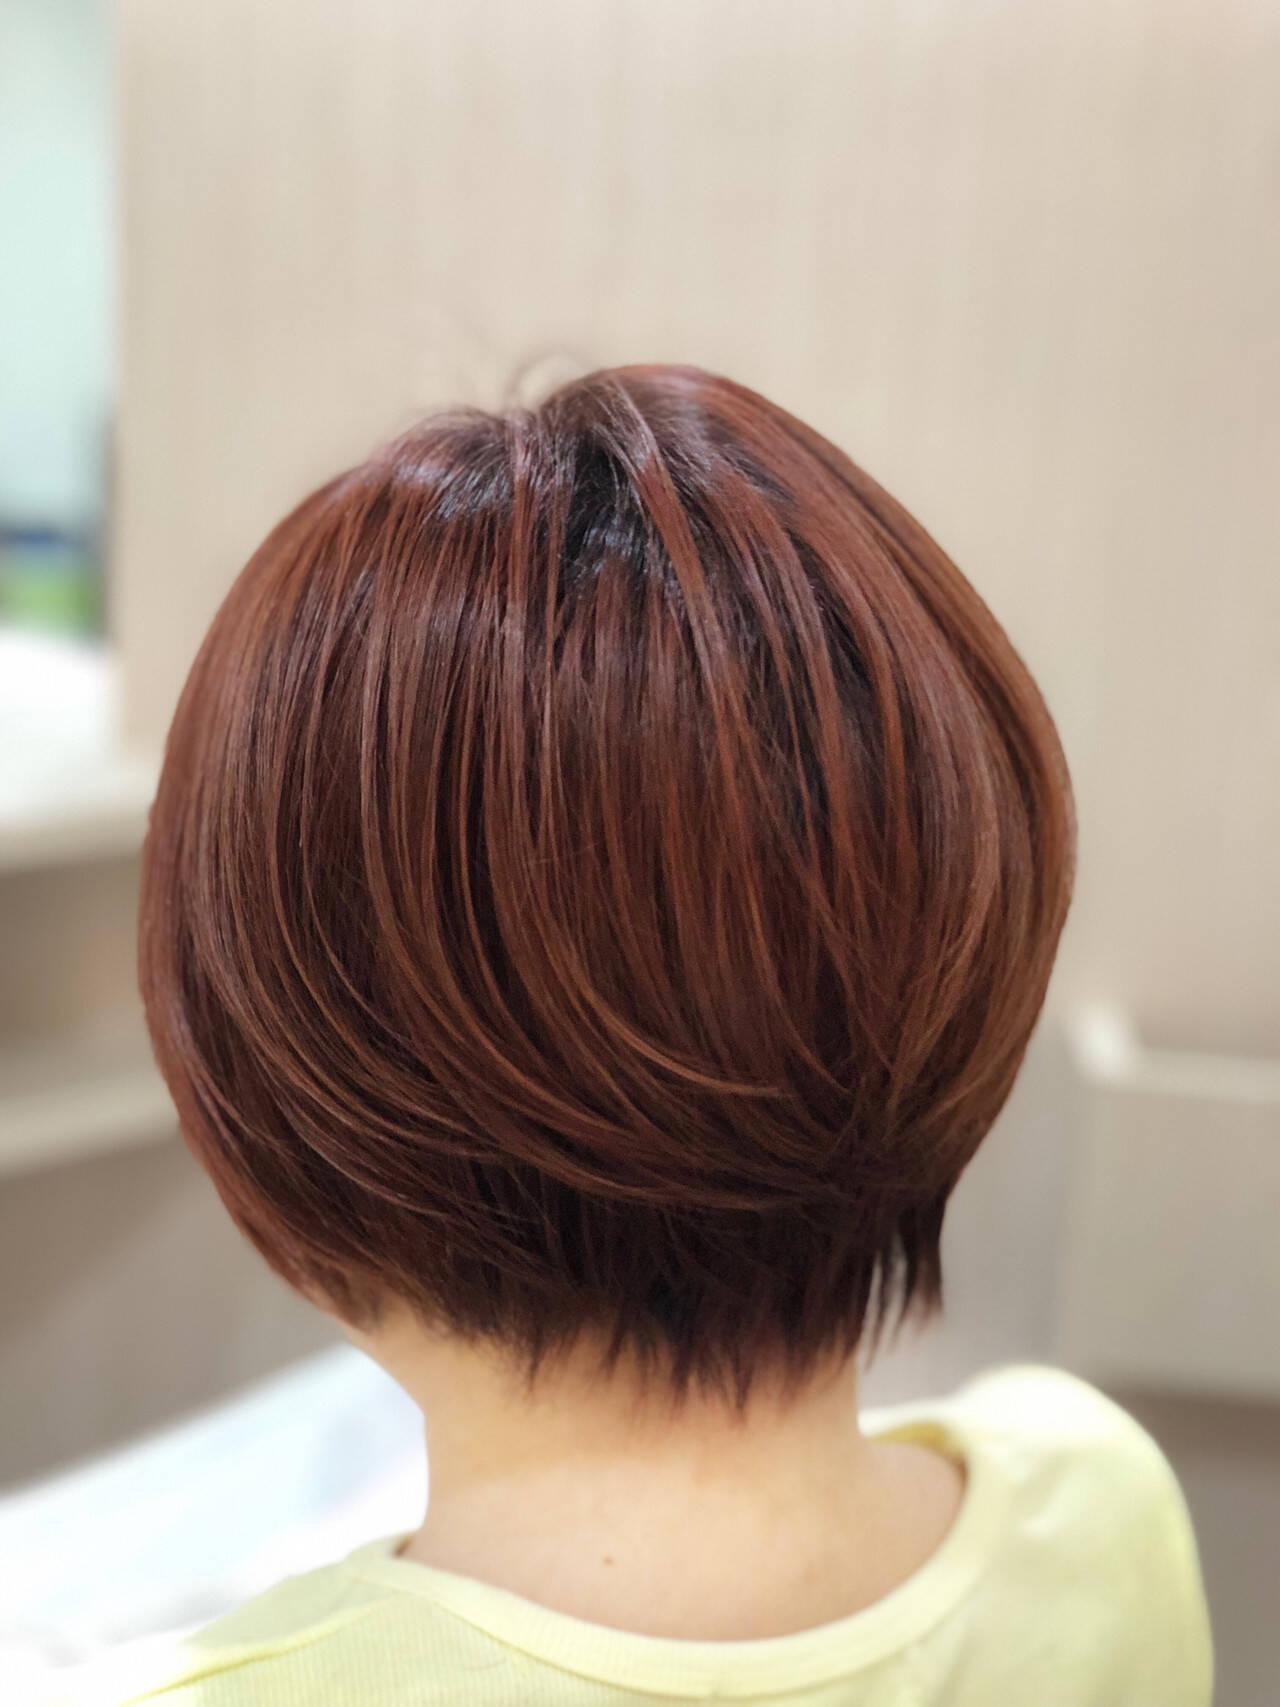 オレンジカラー ショート ショートボブ ナチュラルヘアスタイルや髪型の写真・画像